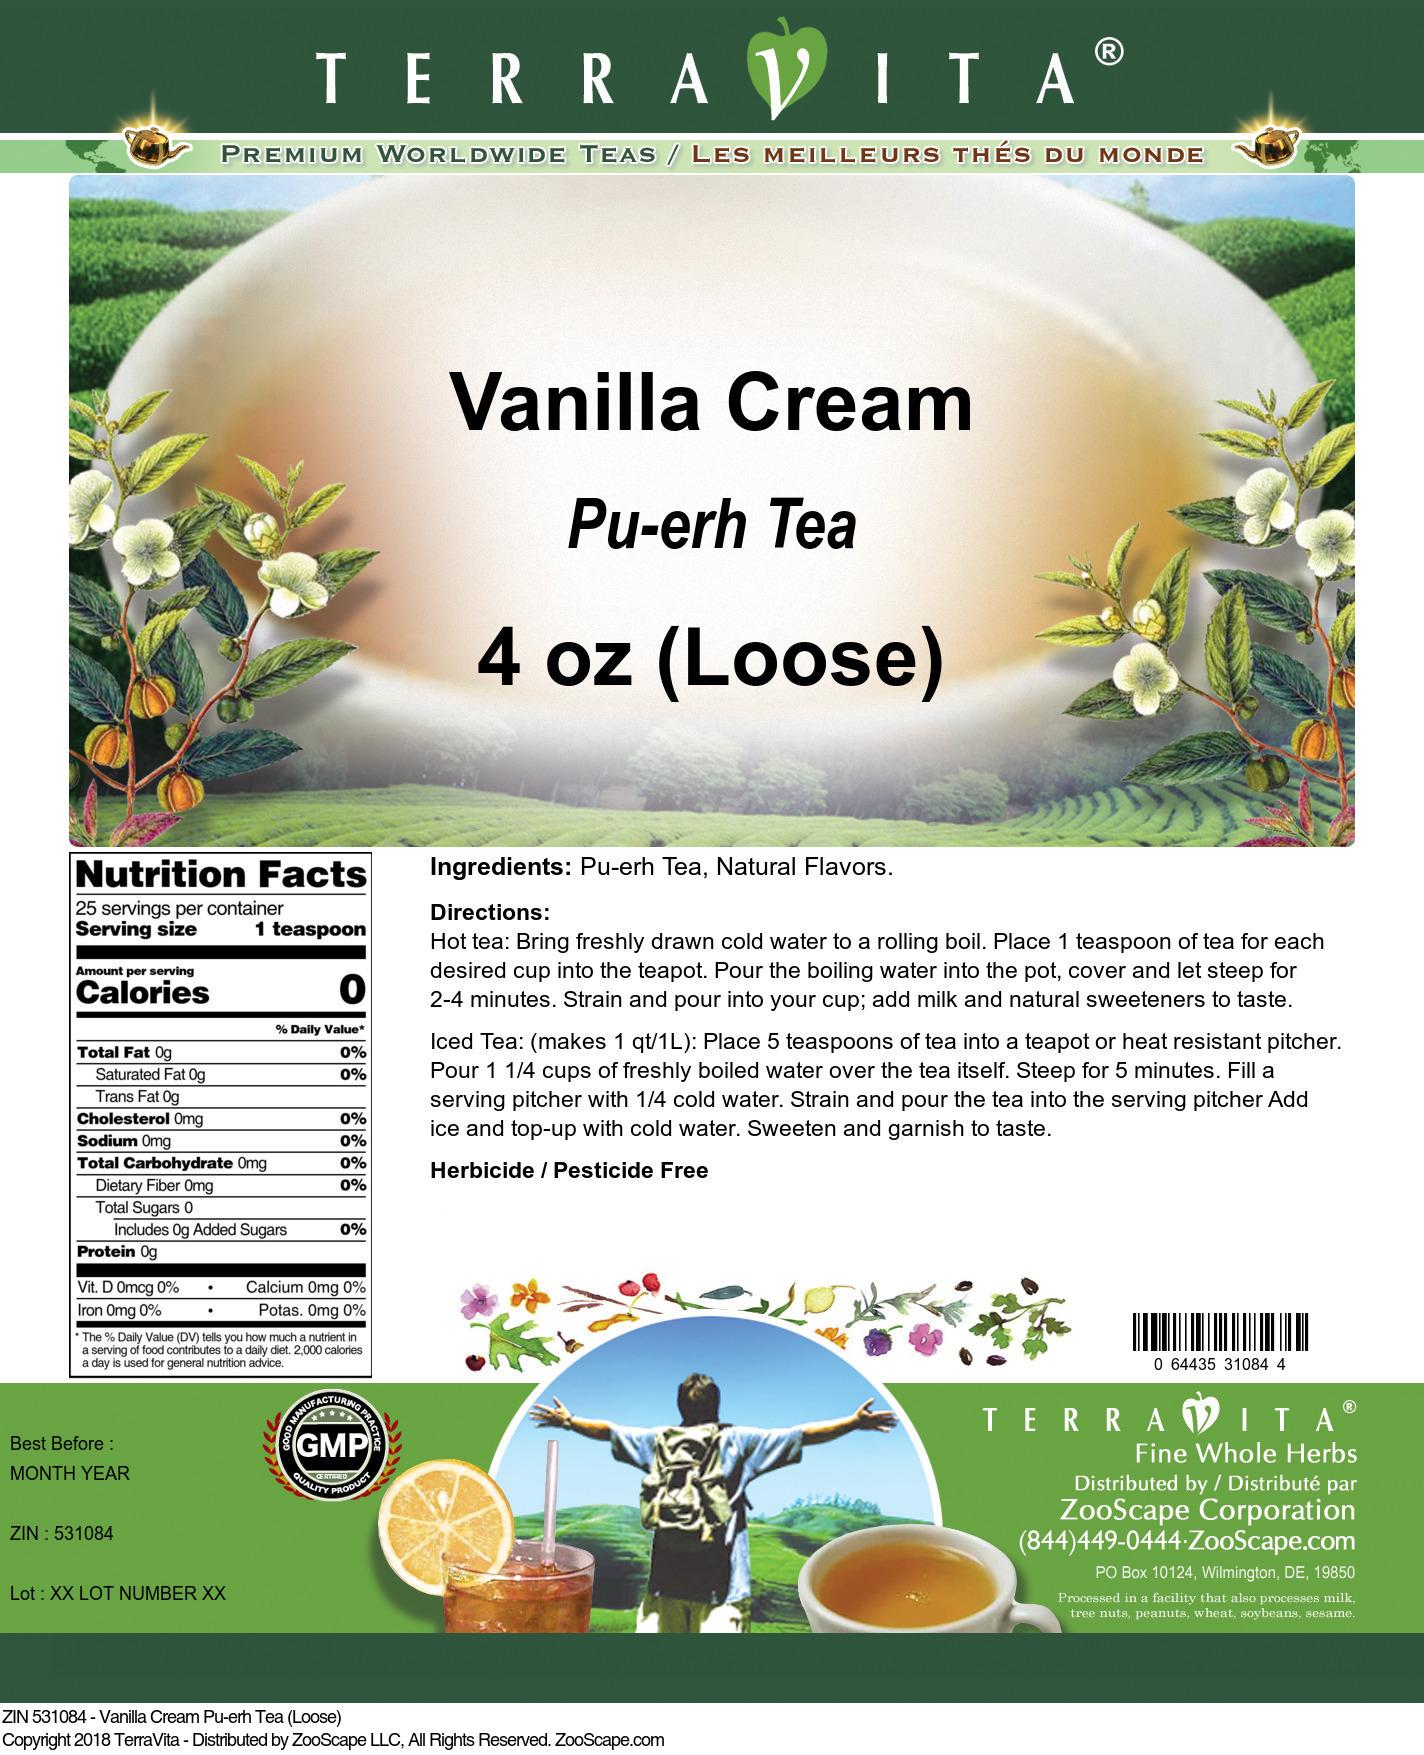 Vanilla Cream Pu-erh Tea